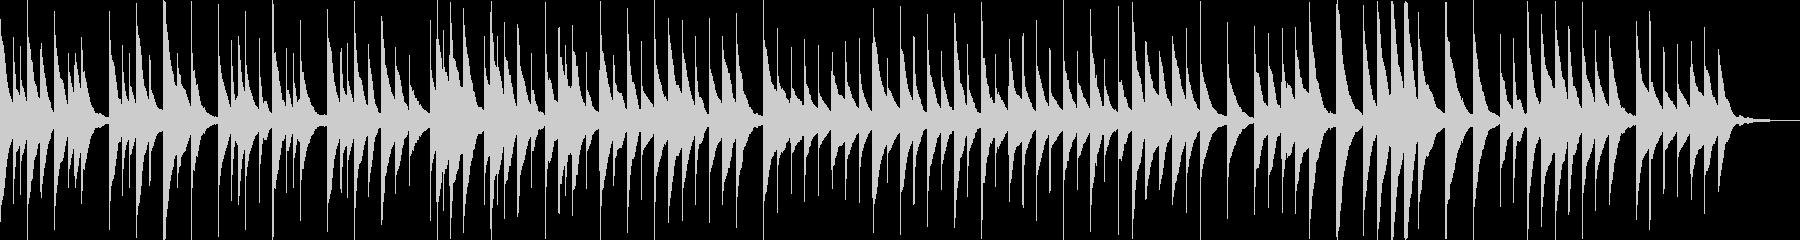 明るめの優しいオルゴールBGMの未再生の波形